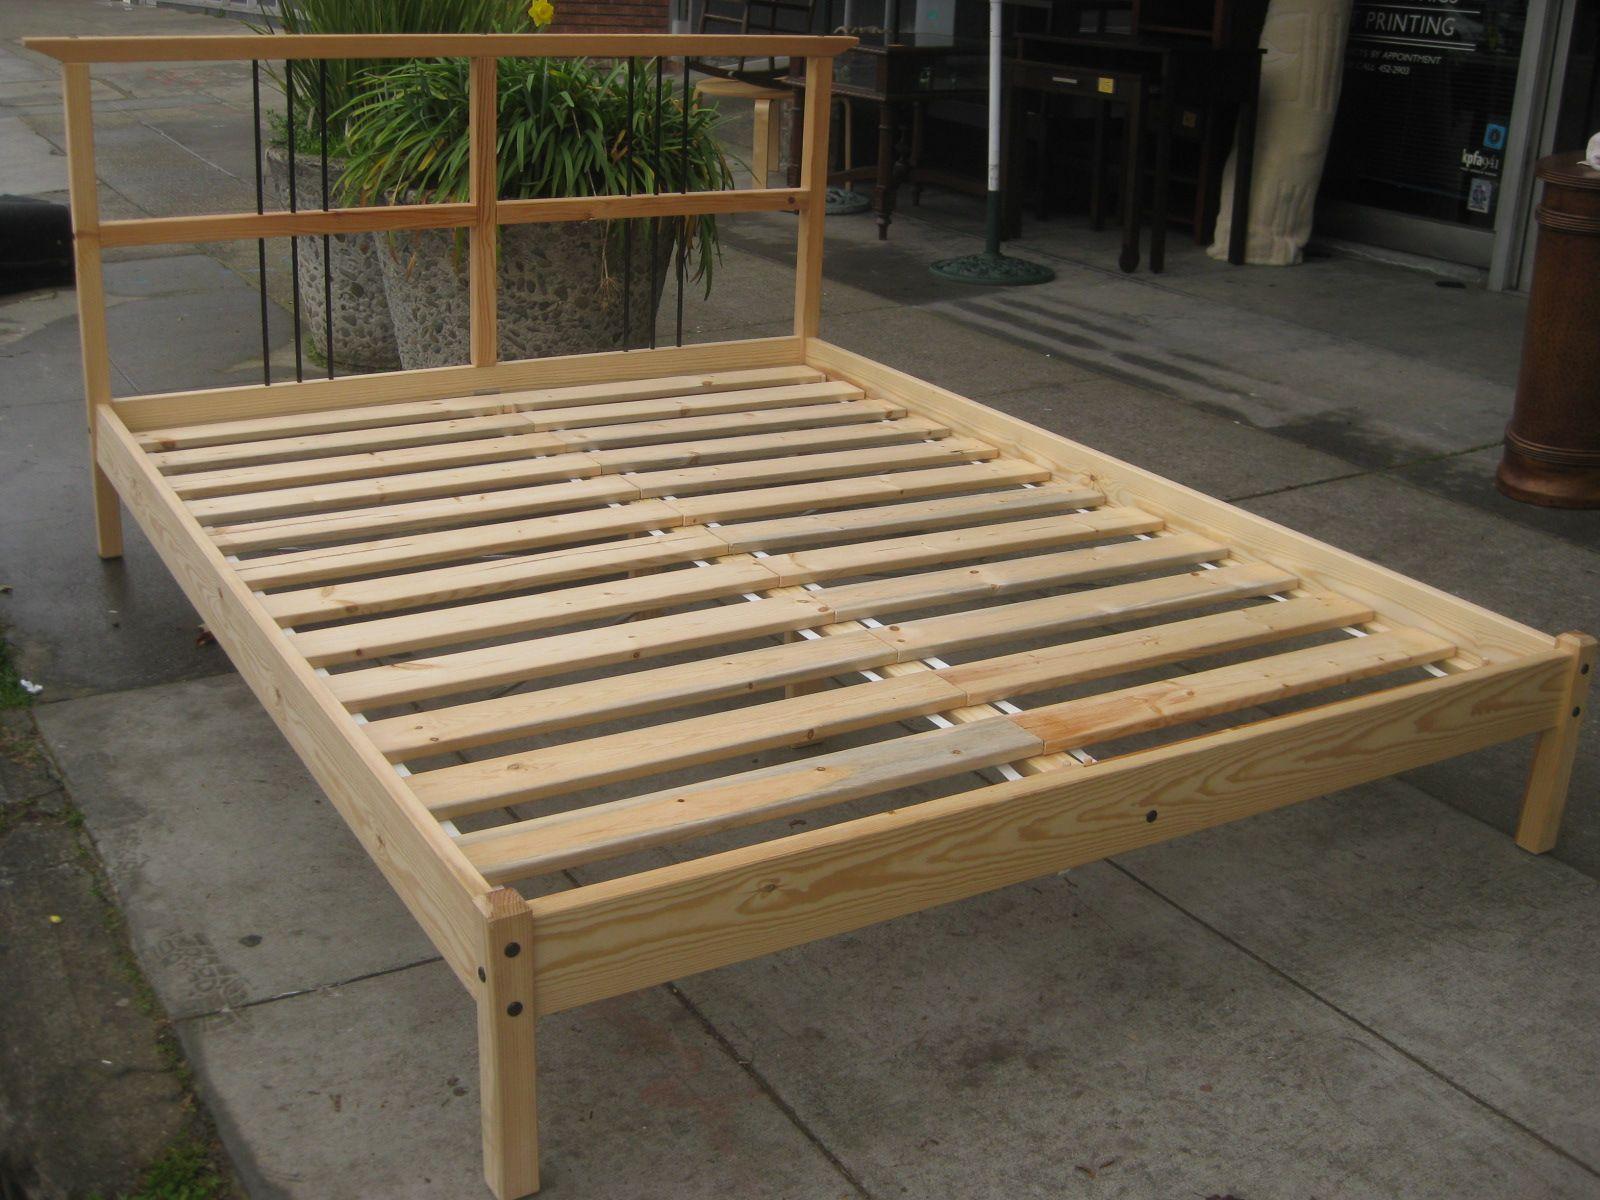 Box springs vs platform beds diy platform bed frame